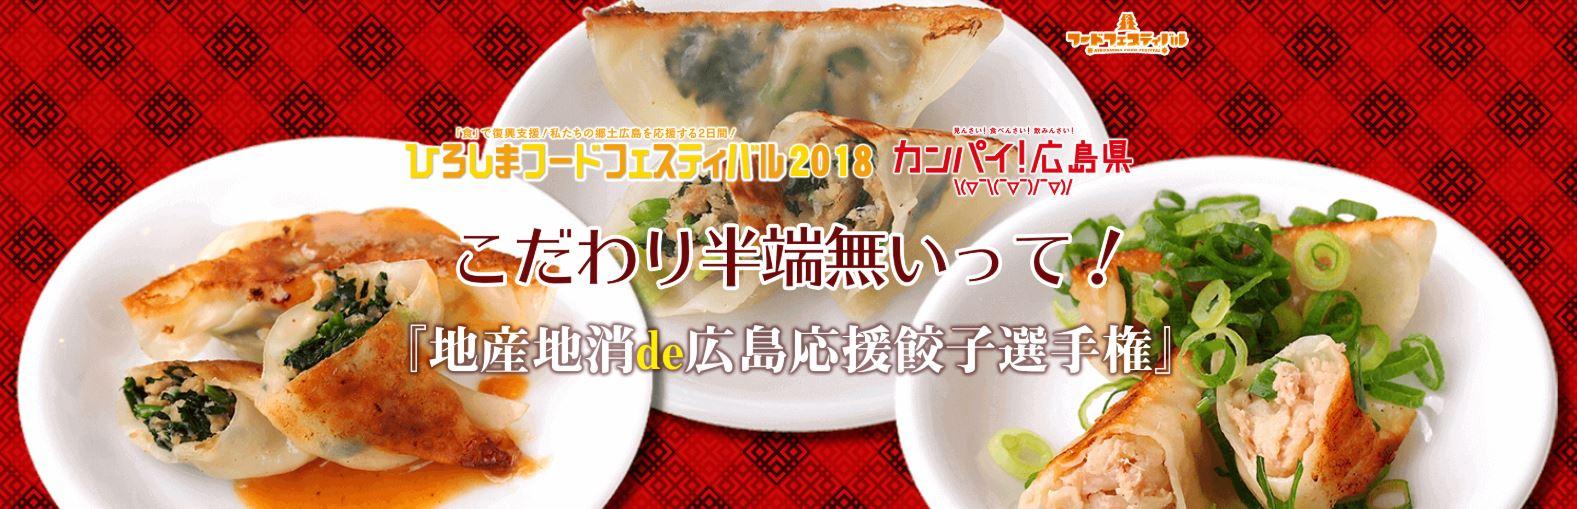 餃子家 龍 ひろしまフードフェスティバル 地産地消DE広島応援餃子選手権で餃子います!